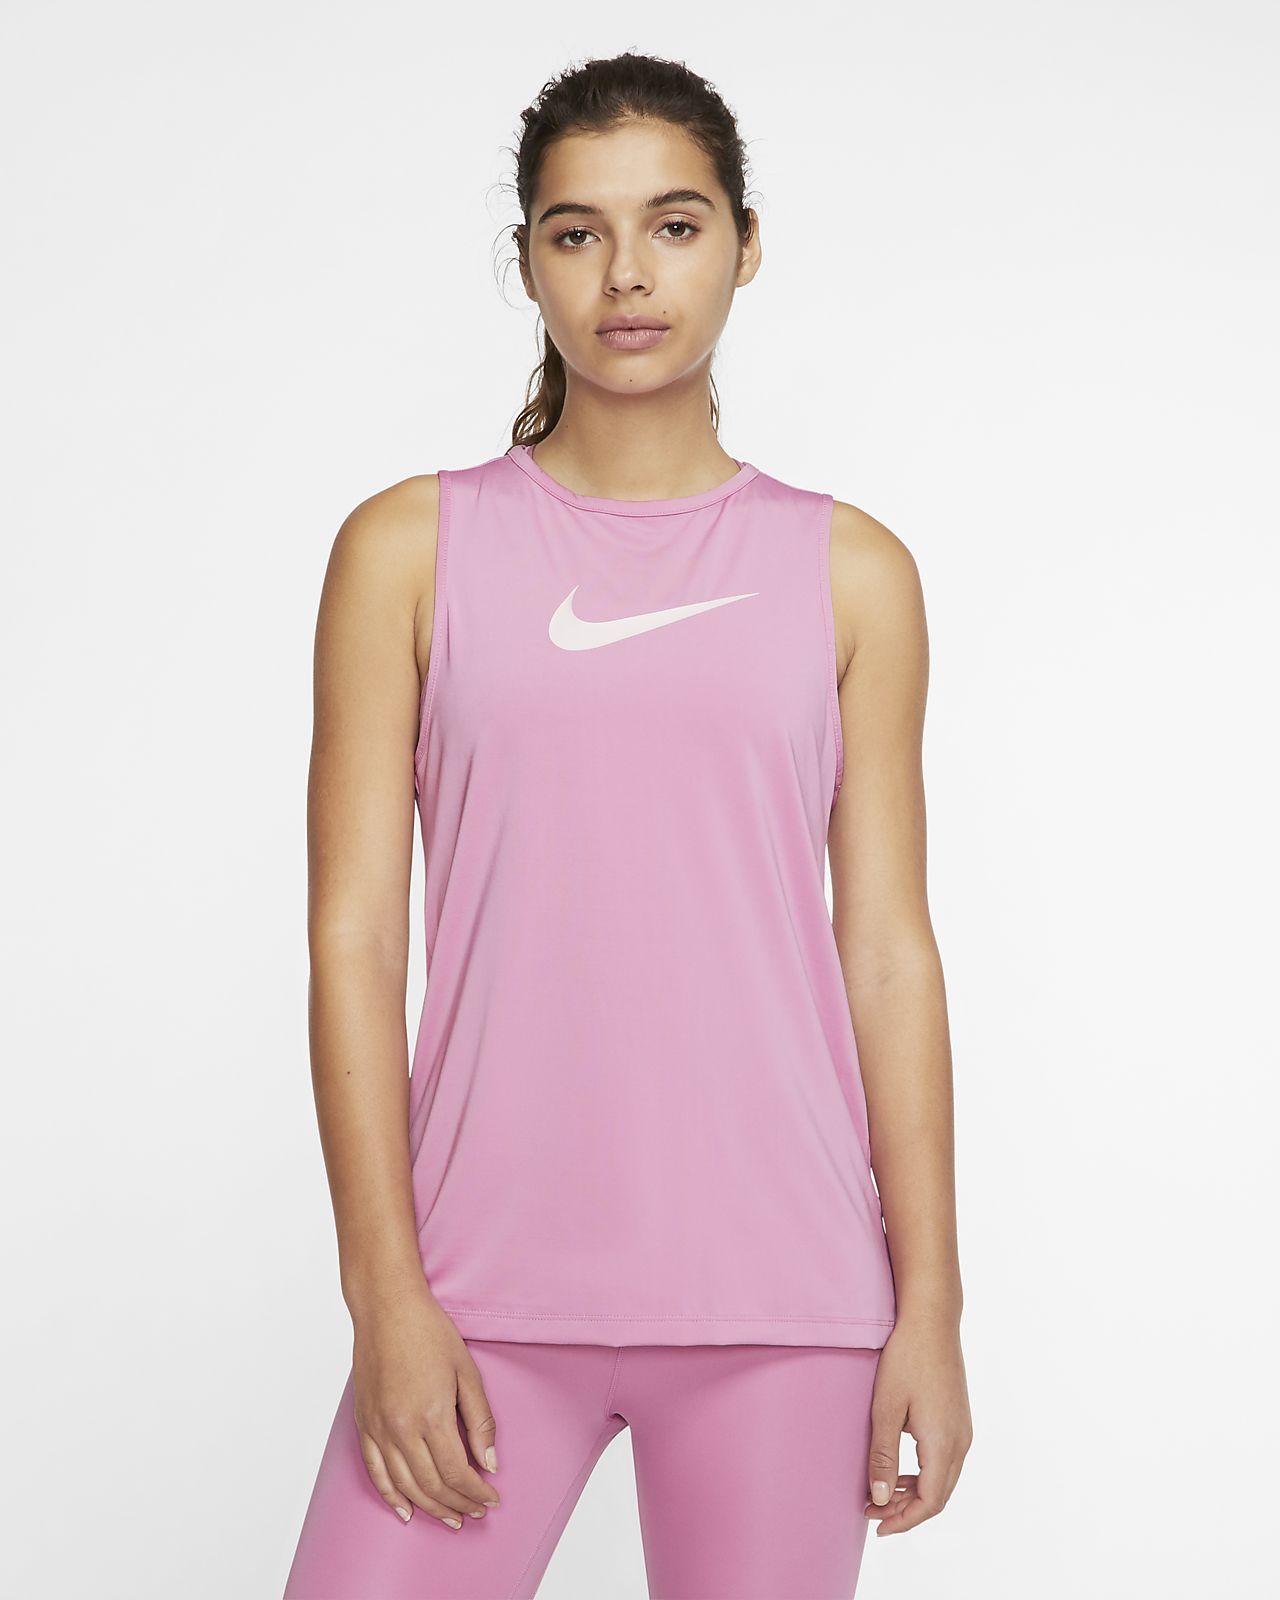 Damska koszulka bez rękawów z logo Swoosh Nike Pro